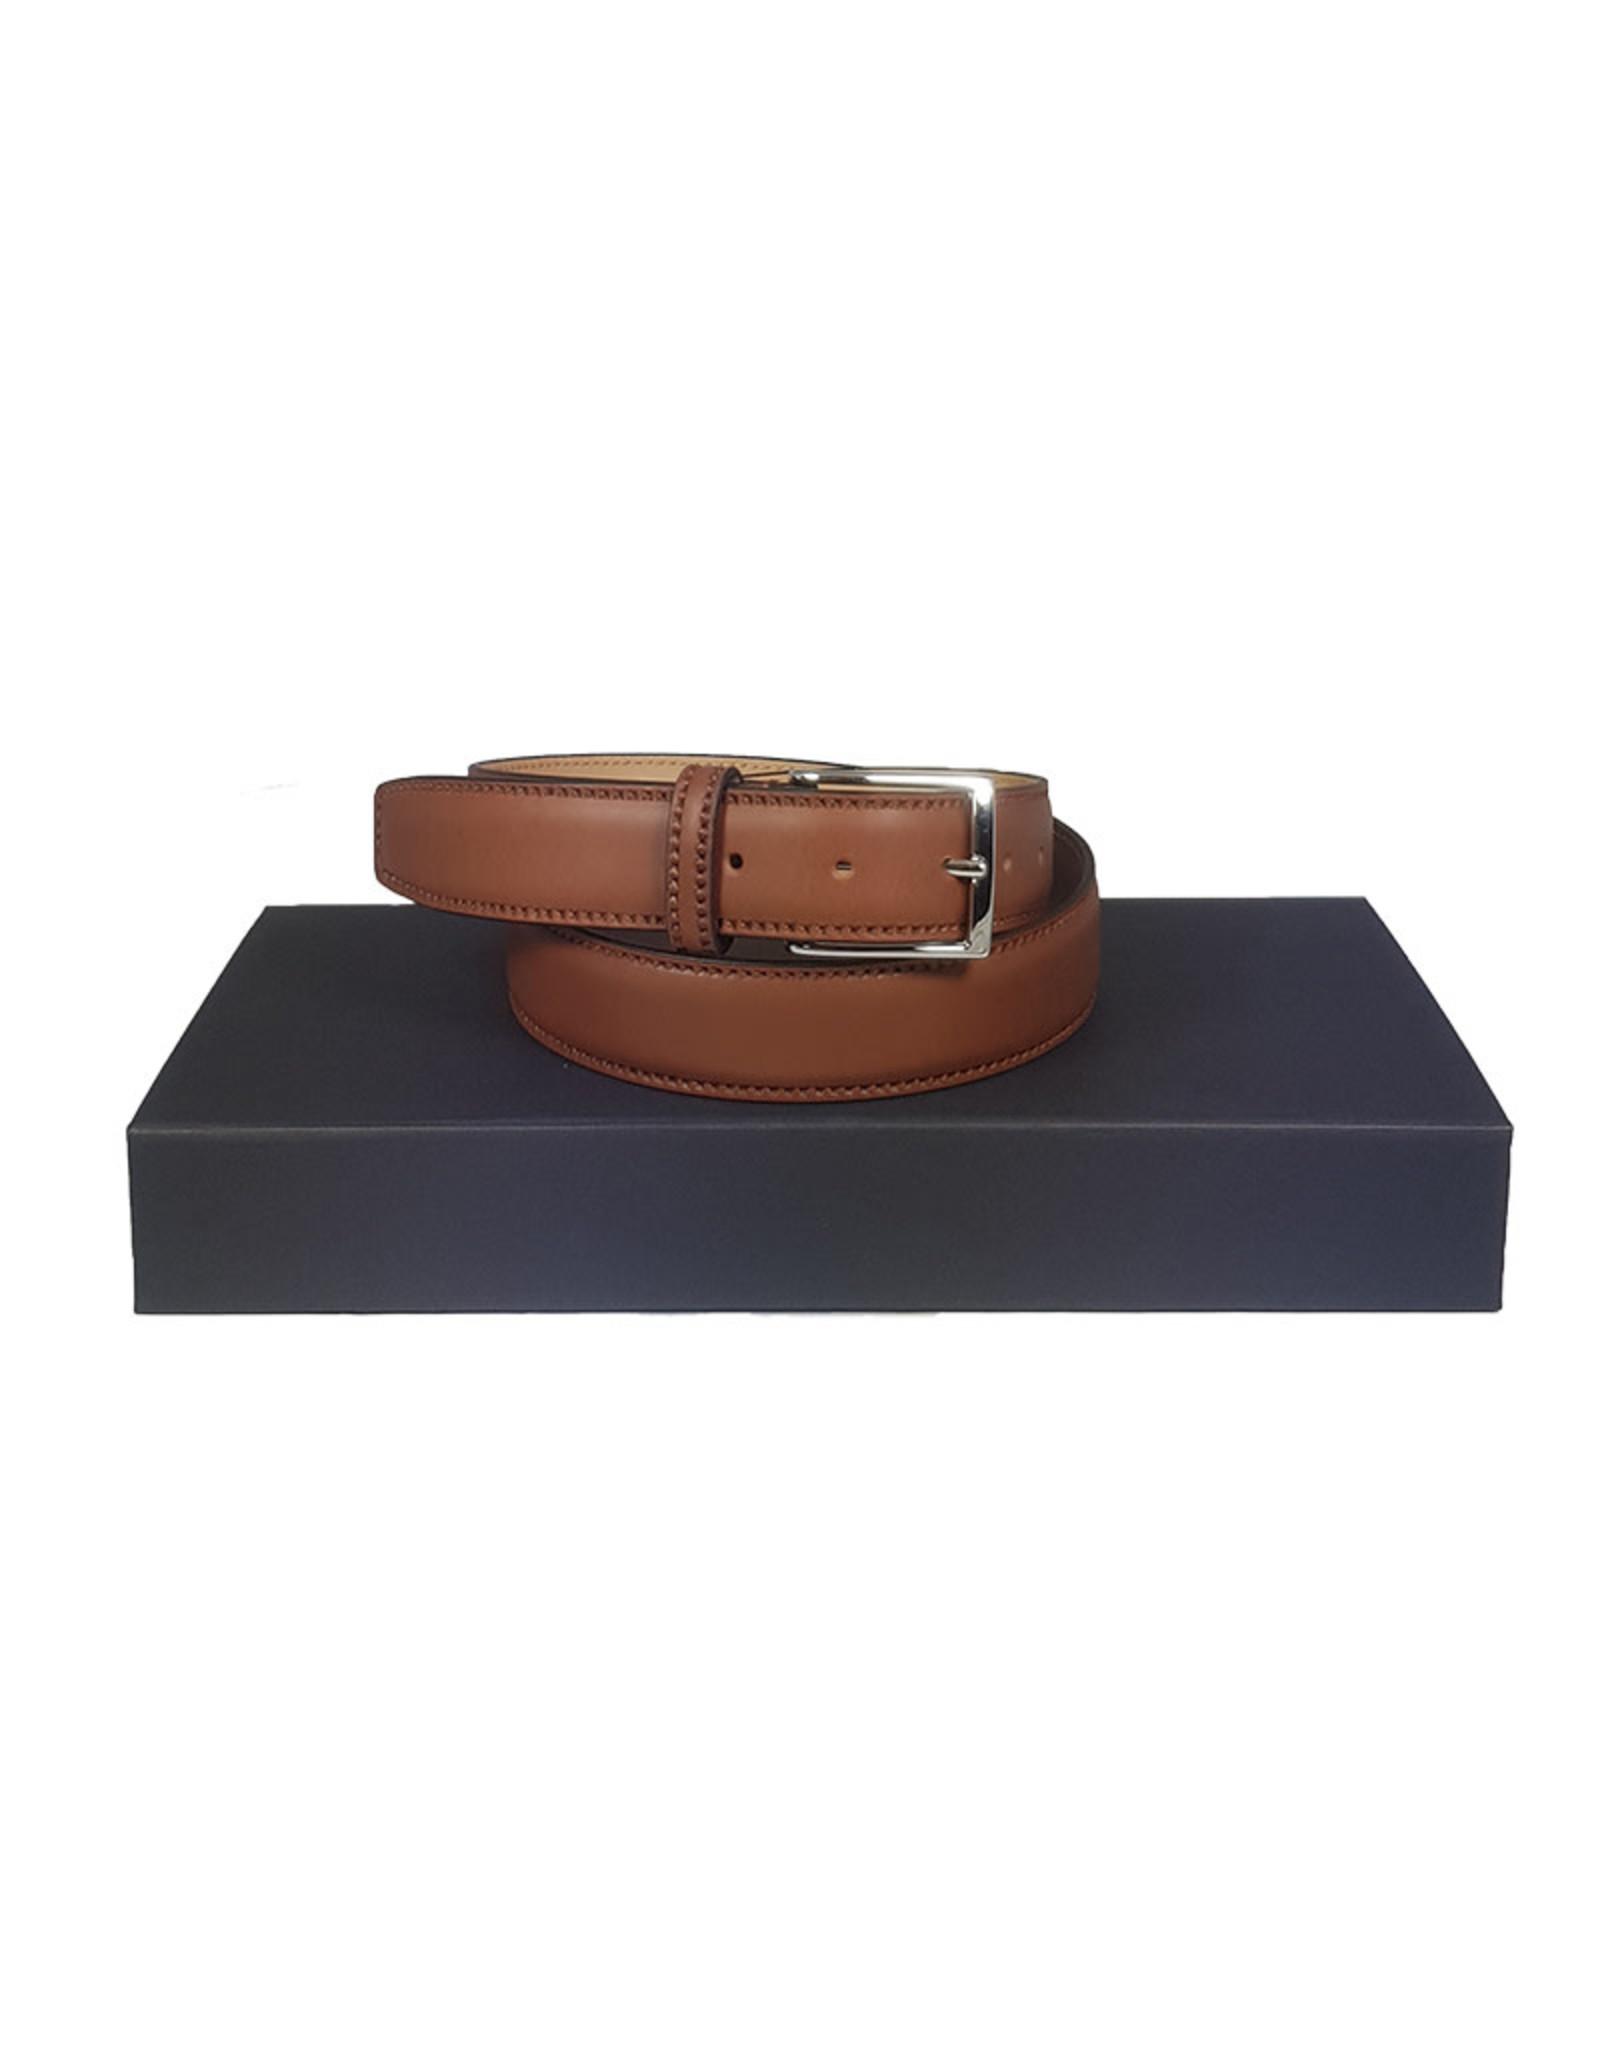 Belts+ Belts+ riem leder cognac Rio 19400/860